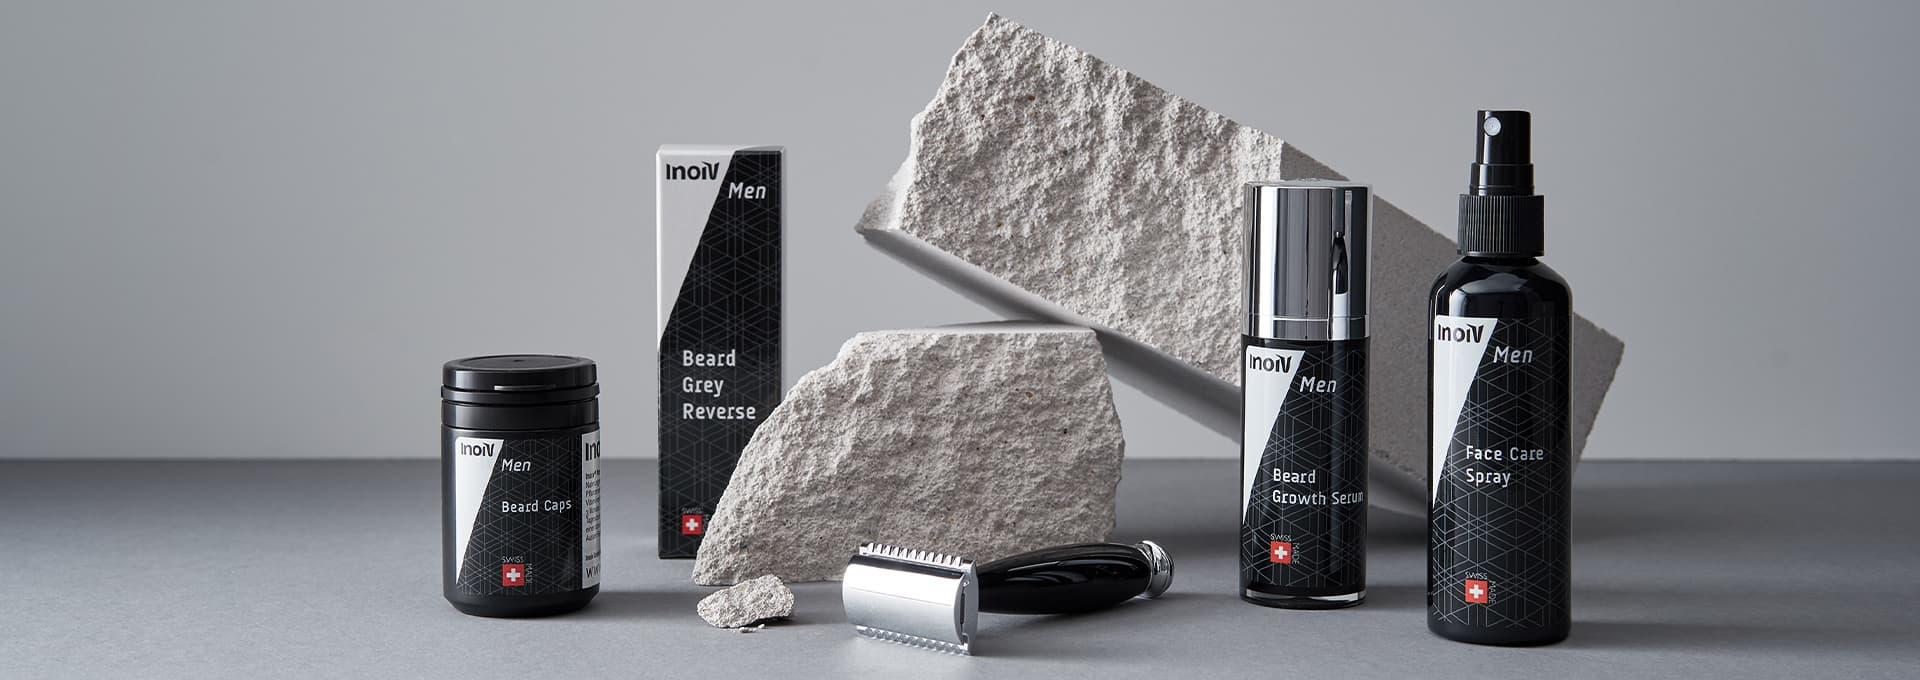 Inoiv Men - Optimale Haar- und Bartpflege für Männer inkl. Bartwuchsmittel